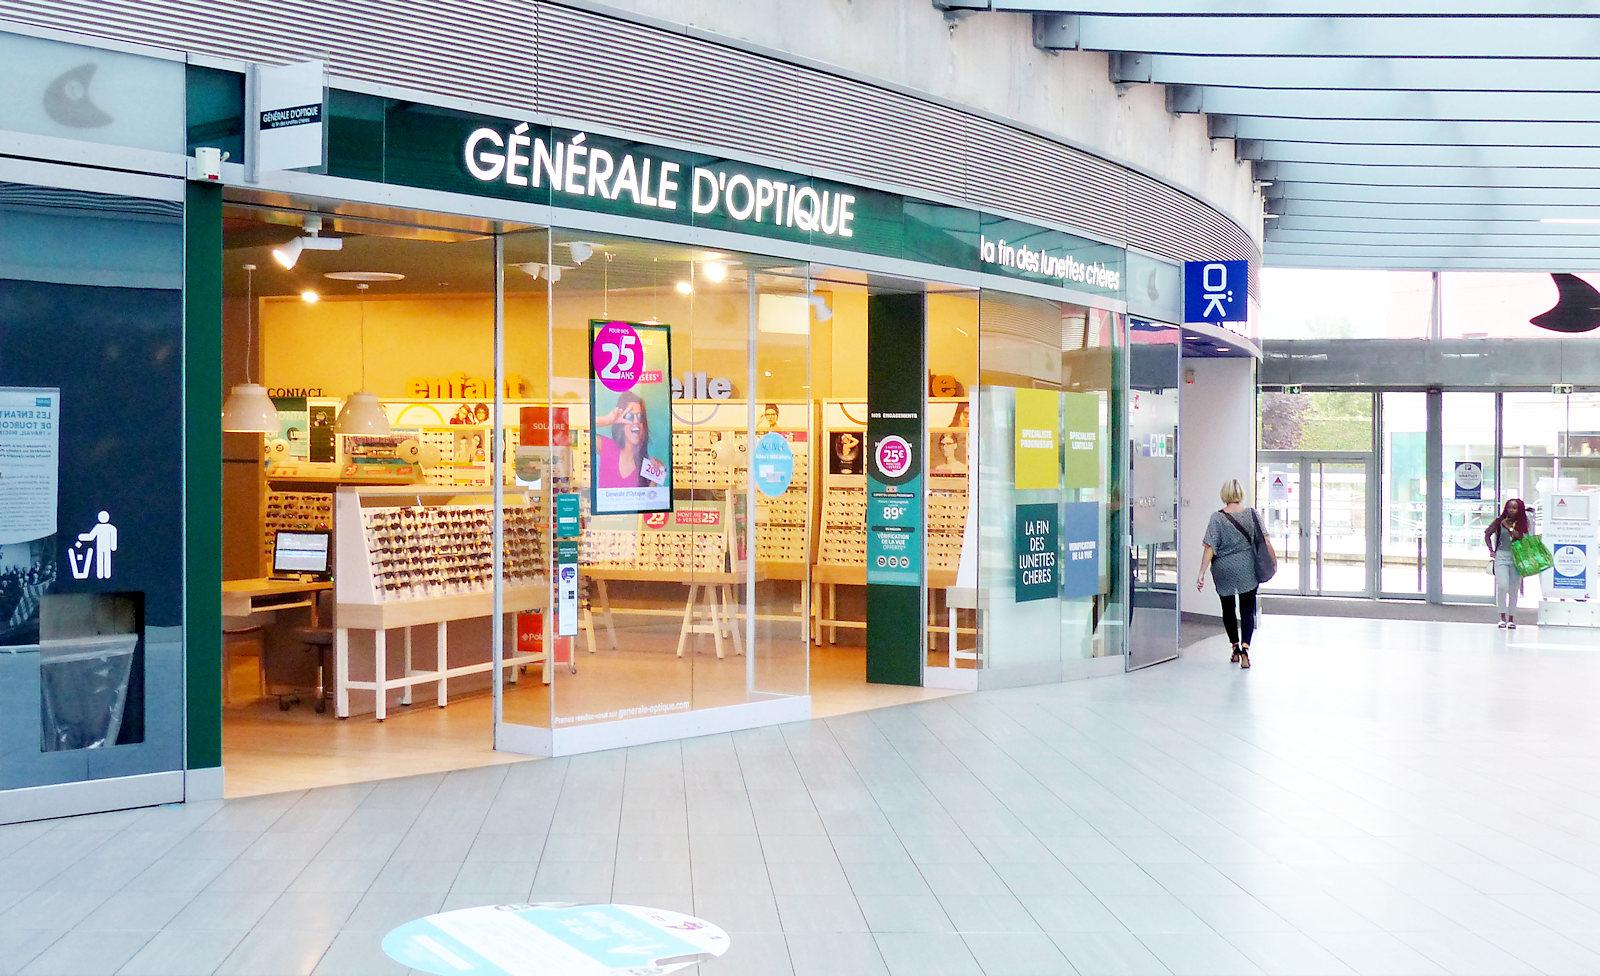 Opticien Générale d'Optique, Tourcoing Centre